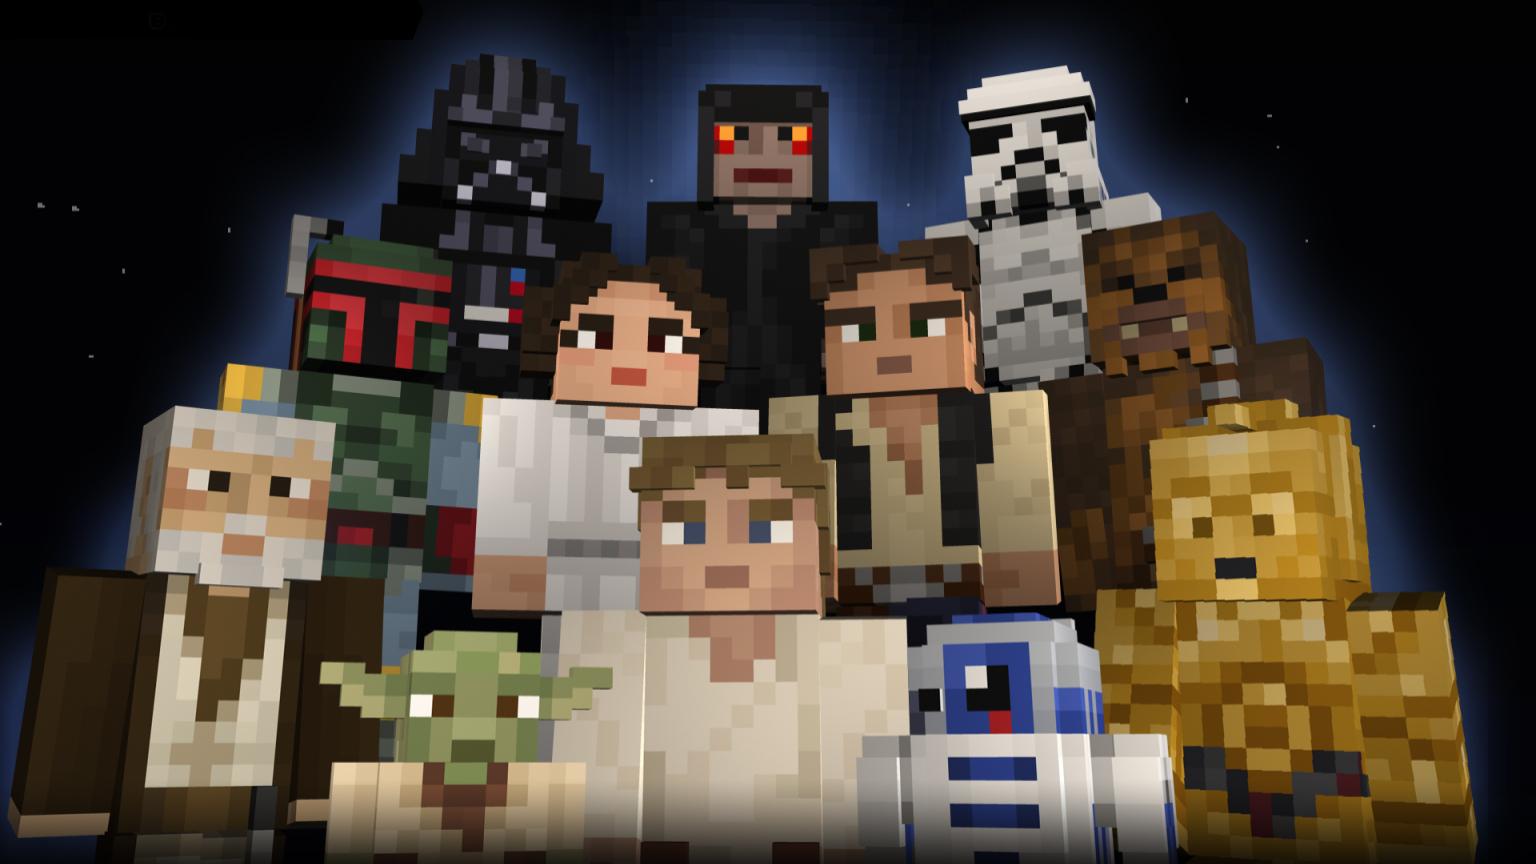 Minecraft Star WarsMod Download Und Infos Zur Modifikation GIGA - Minecraft spielen star wars